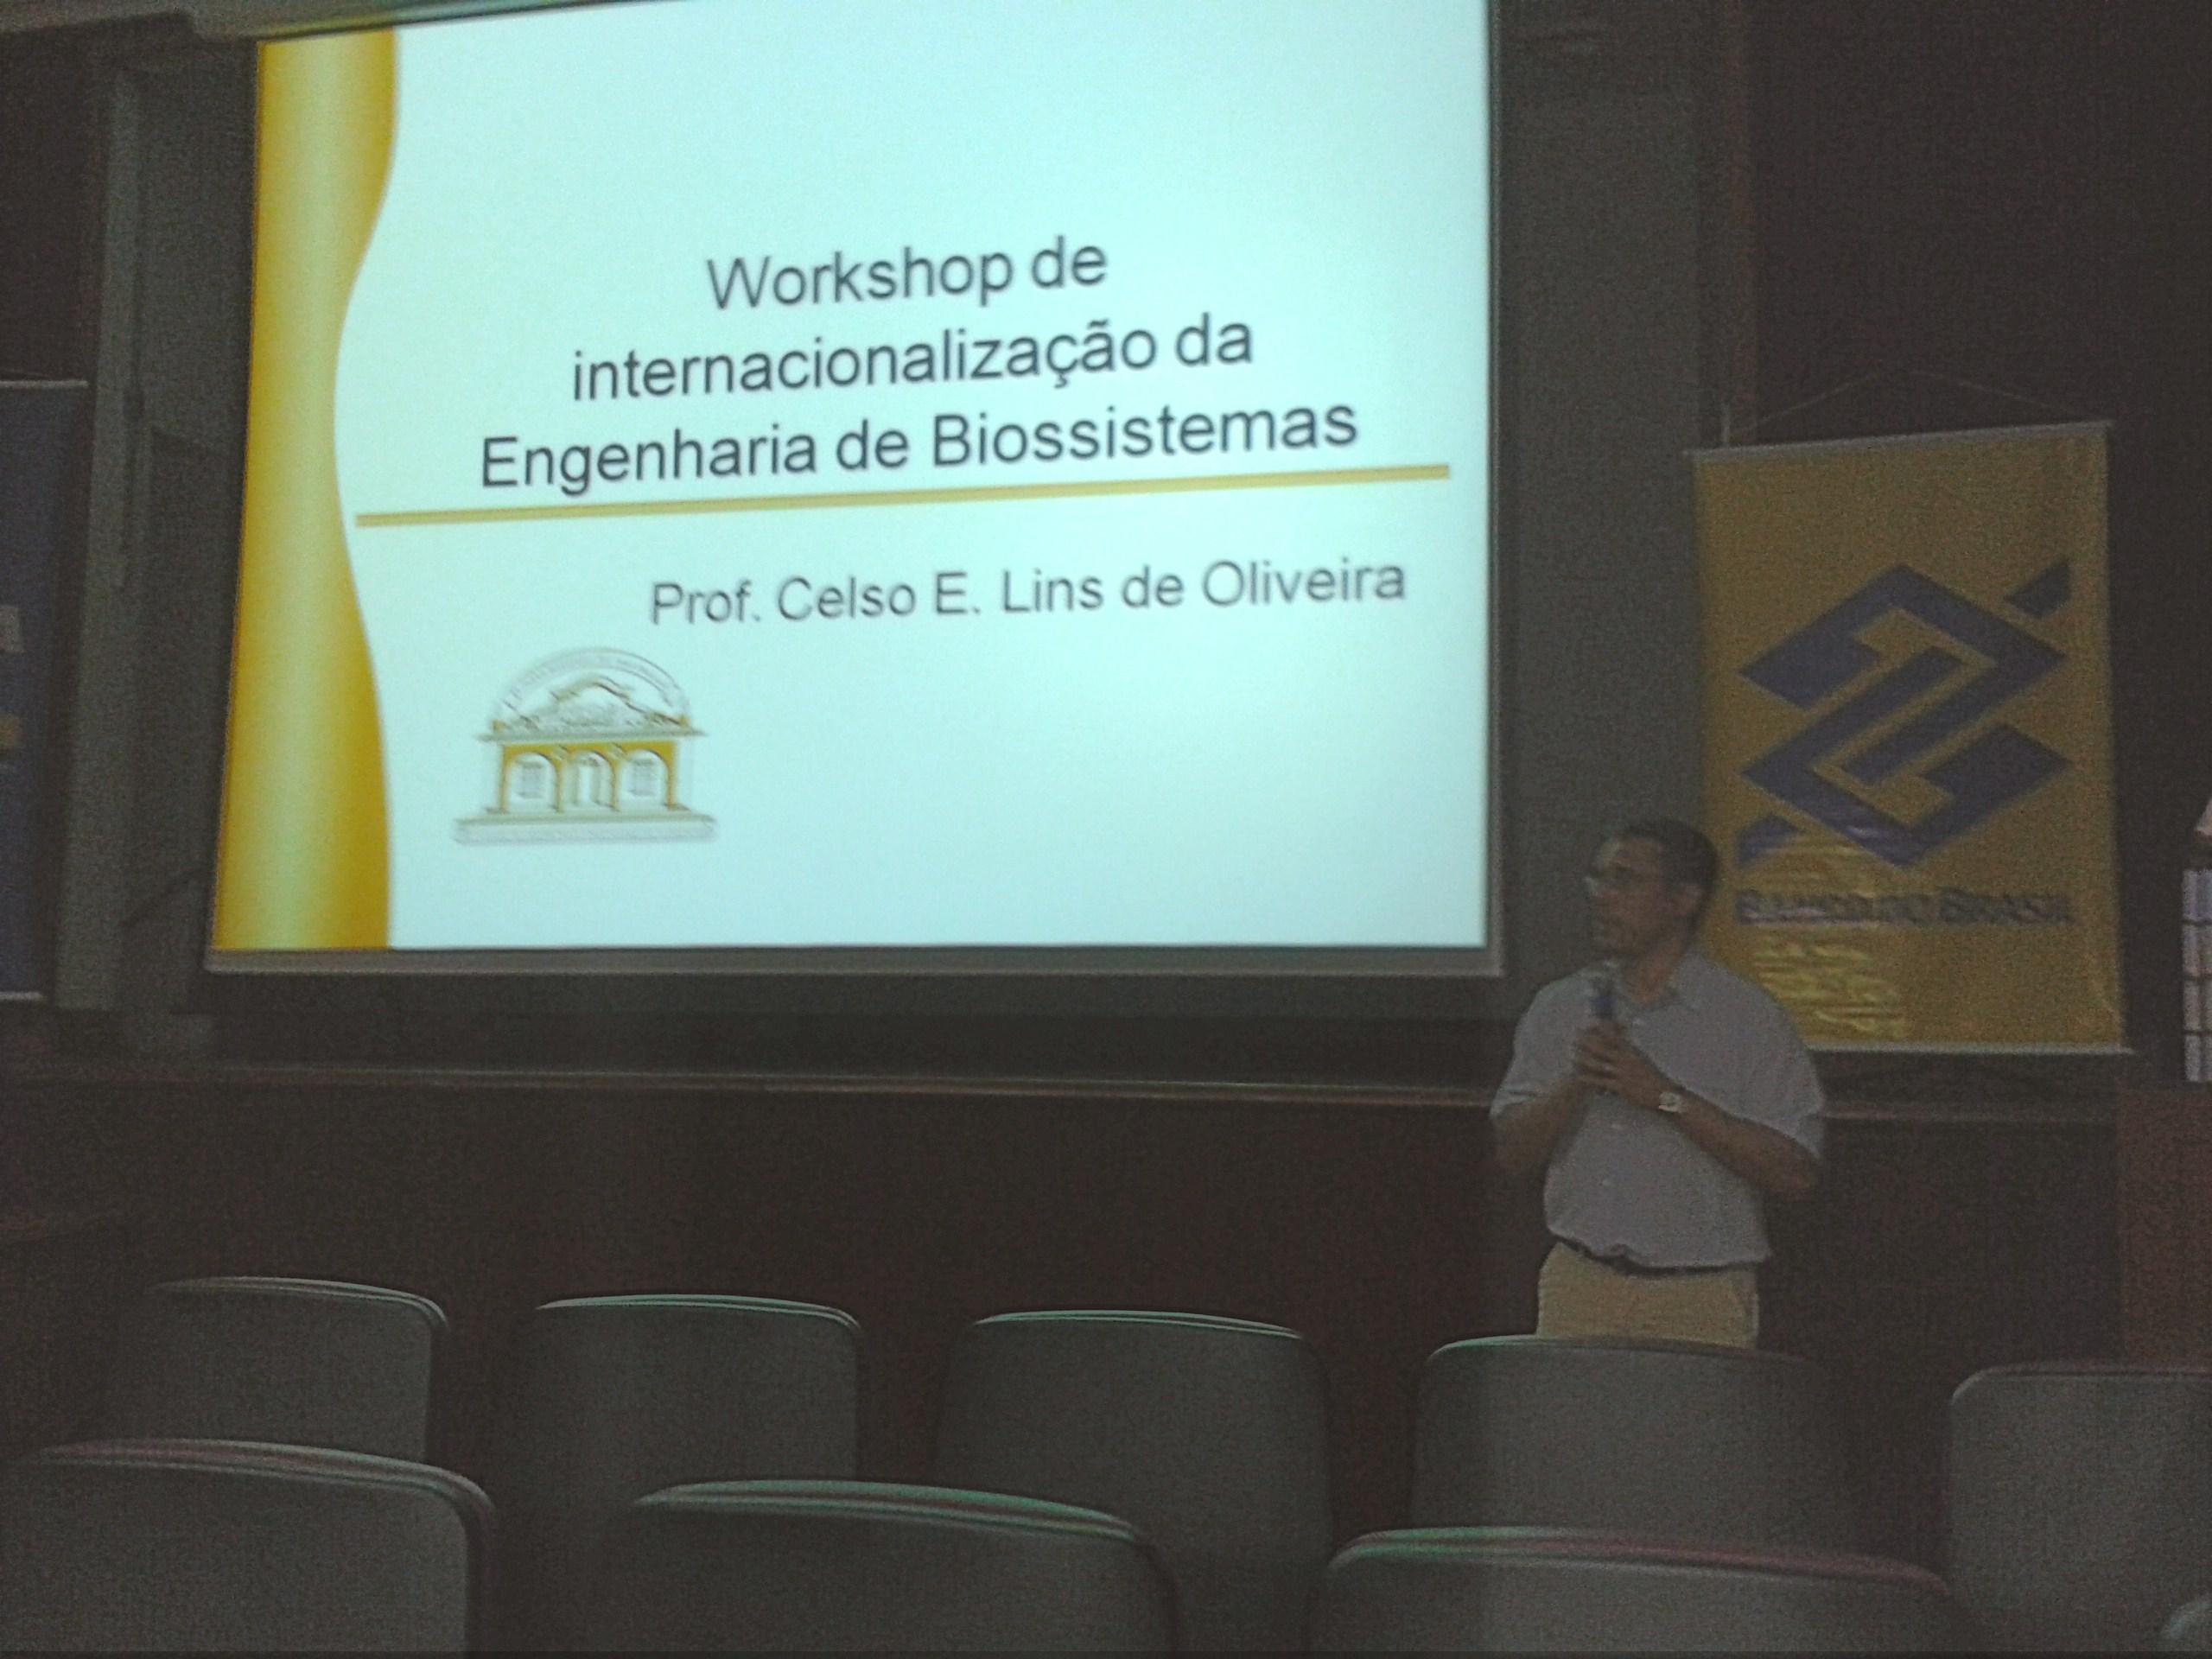 Abertura com o professor Celso E. L. Oliveira. Foto: divulgação.